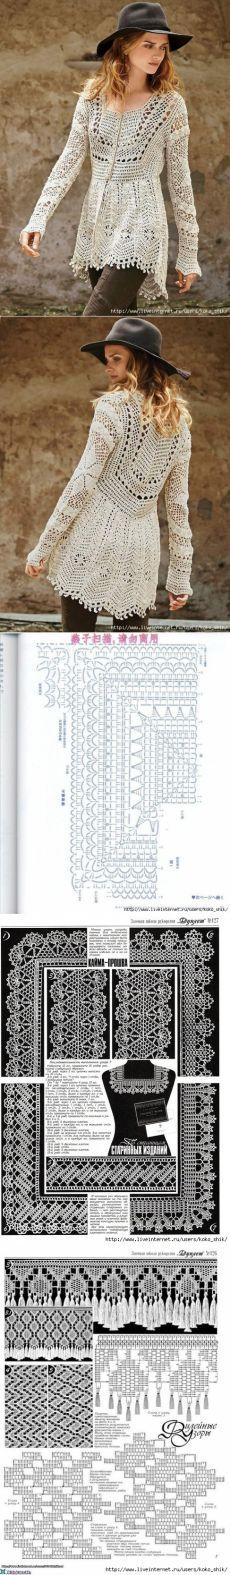 Вязание крючком - Два ажурных кардигана крючком. Этнический стиль Бохо